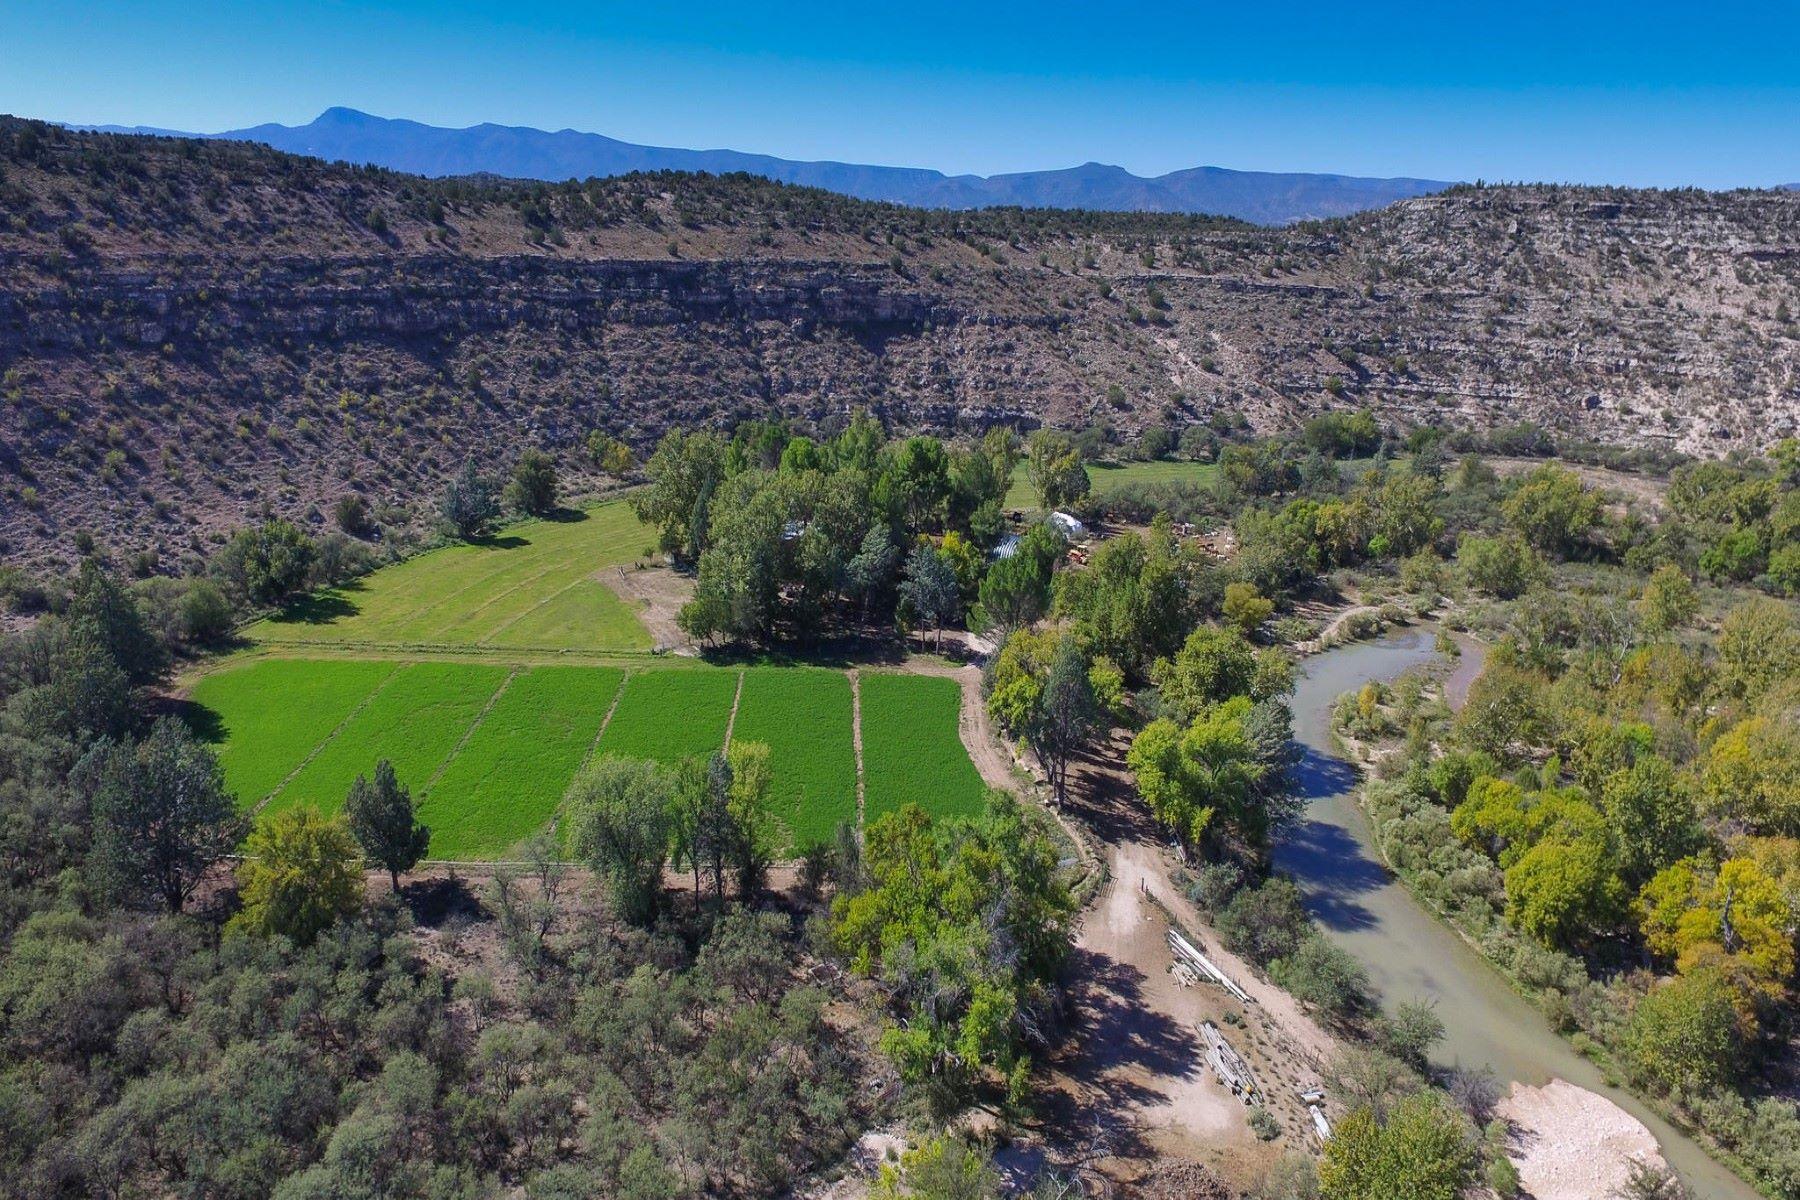 Fazenda / Quinta / Rancho / Plantação para Venda às The Dyck Ranch 1875 E Dragonshead Rd- Dyck Ranch Rimrock, Arizona, 86335 Estados Unidos